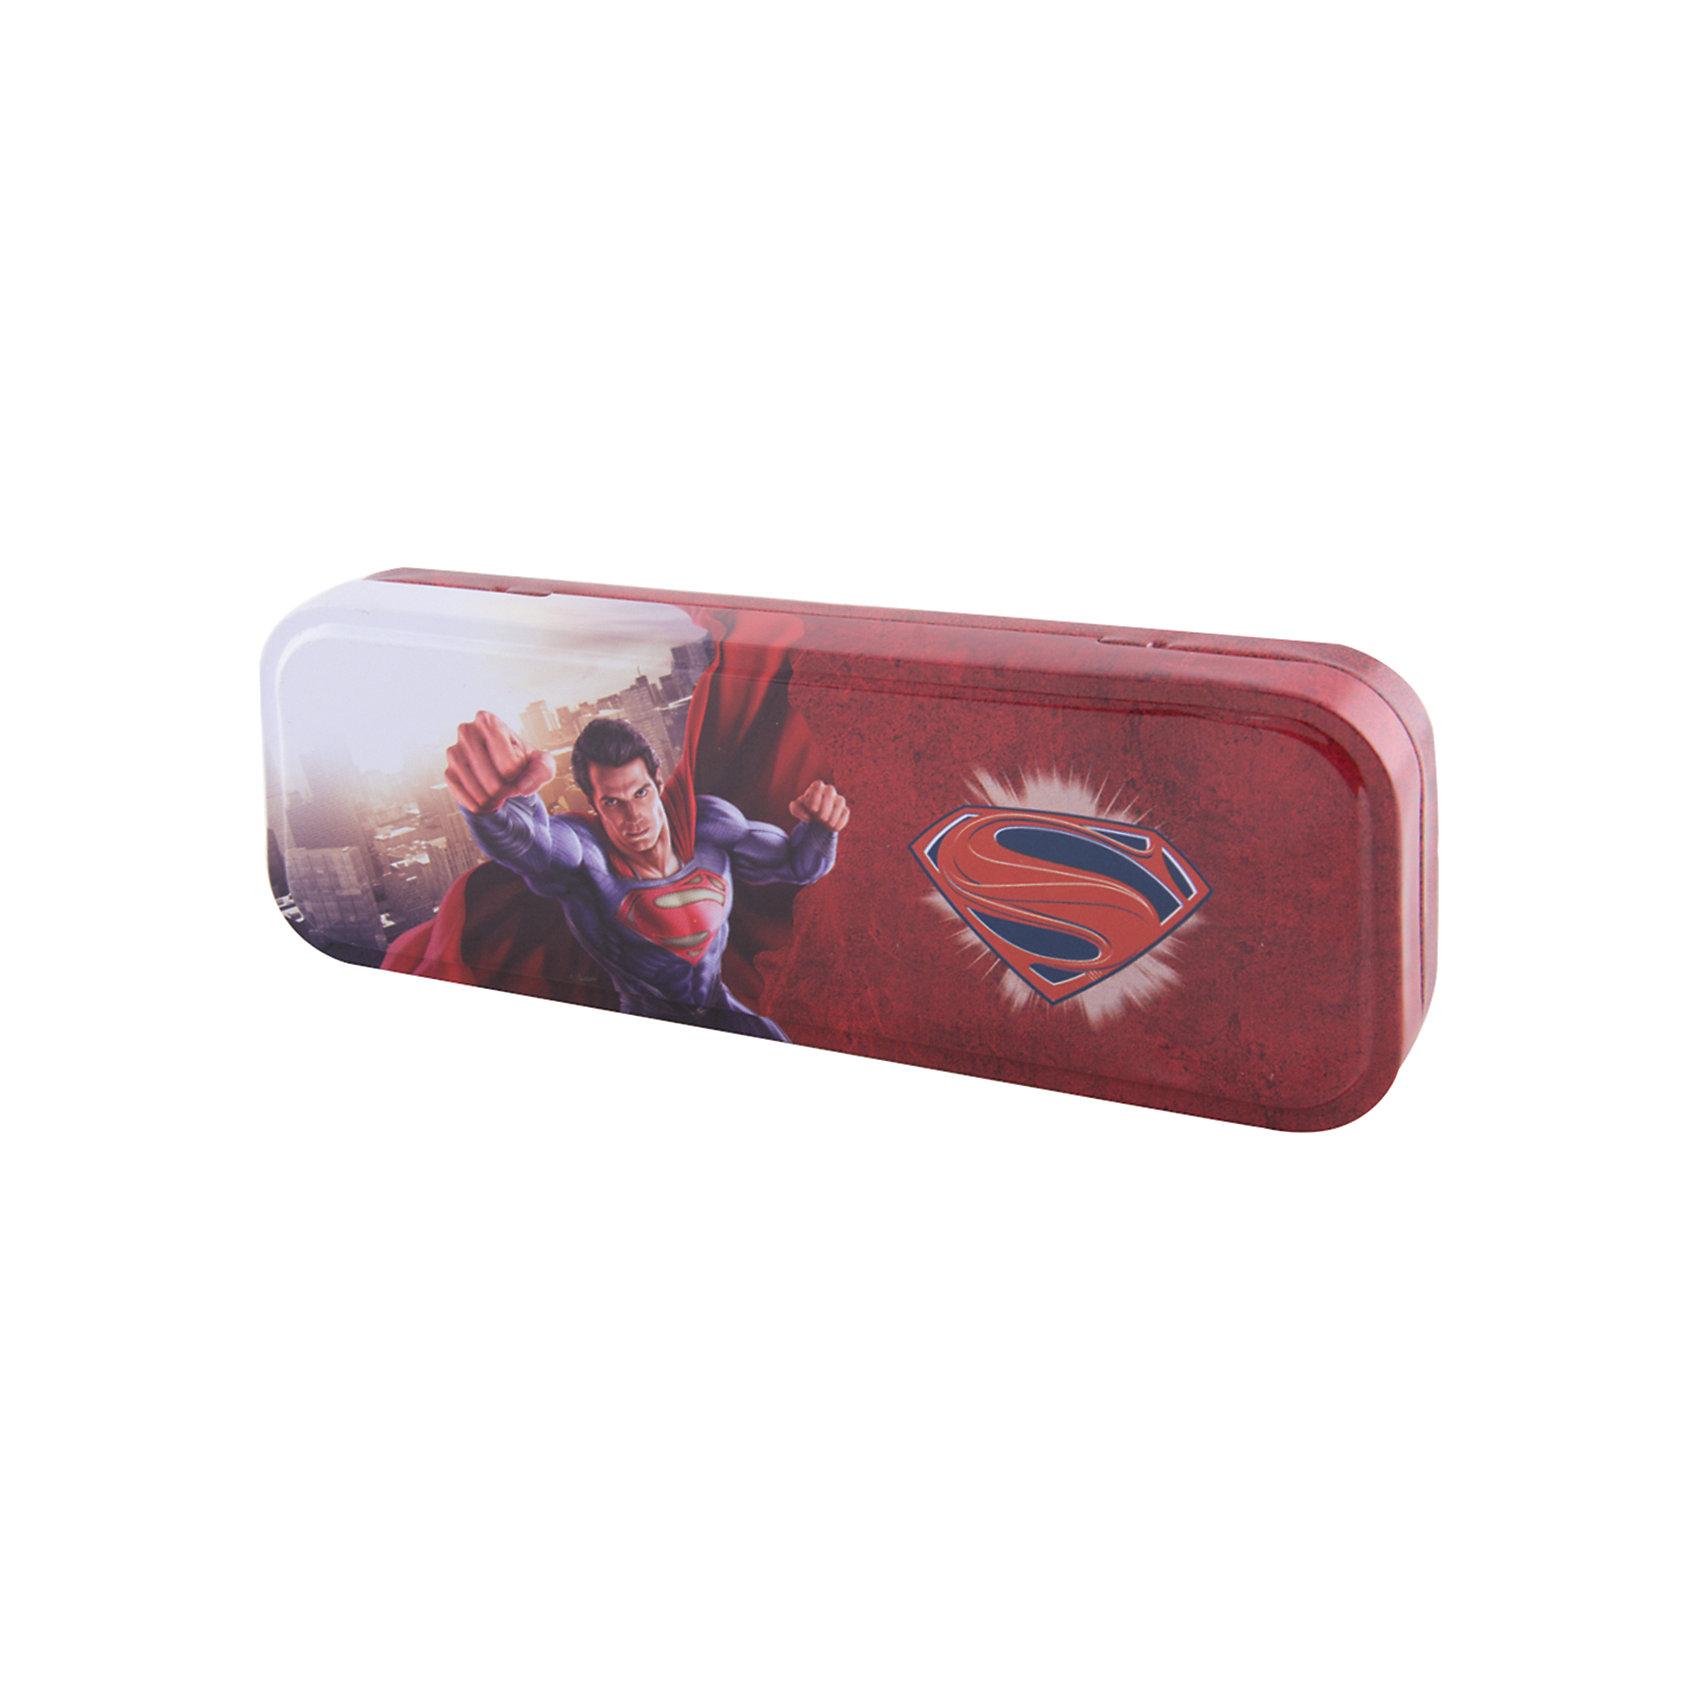 Пенал металлический Proff СуперменЯркие канцелярские принадлежности с привлекательным дизайном сделают школьные занятия веселее и поднимут настроение маленькому школьнику. Пенал Супермен (Superman) выполнен в красно-синей расцветке и украшен оригинальным принтом с изображением популярного супергероя. У пенала безопасные закругленные края, внутри 1 отделение с разделителем для канцпринадлежностей.<br><br>Дополнительная информация:<br><br>- Материал: металл.<br>- Размер: 19 х 5 х 3,5 см.<br>- Вес: 130 гр.<br><br>Пенал металлический Супермен (Superman), Proff, можно купить в нашем интернет-магазине.<br><br>Ширина мм: 210<br>Глубина мм: 30<br>Высота мм: 70<br>Вес г: 130<br>Возраст от месяцев: 84<br>Возраст до месяцев: 144<br>Пол: Мужской<br>Возраст: Детский<br>SKU: 4601803